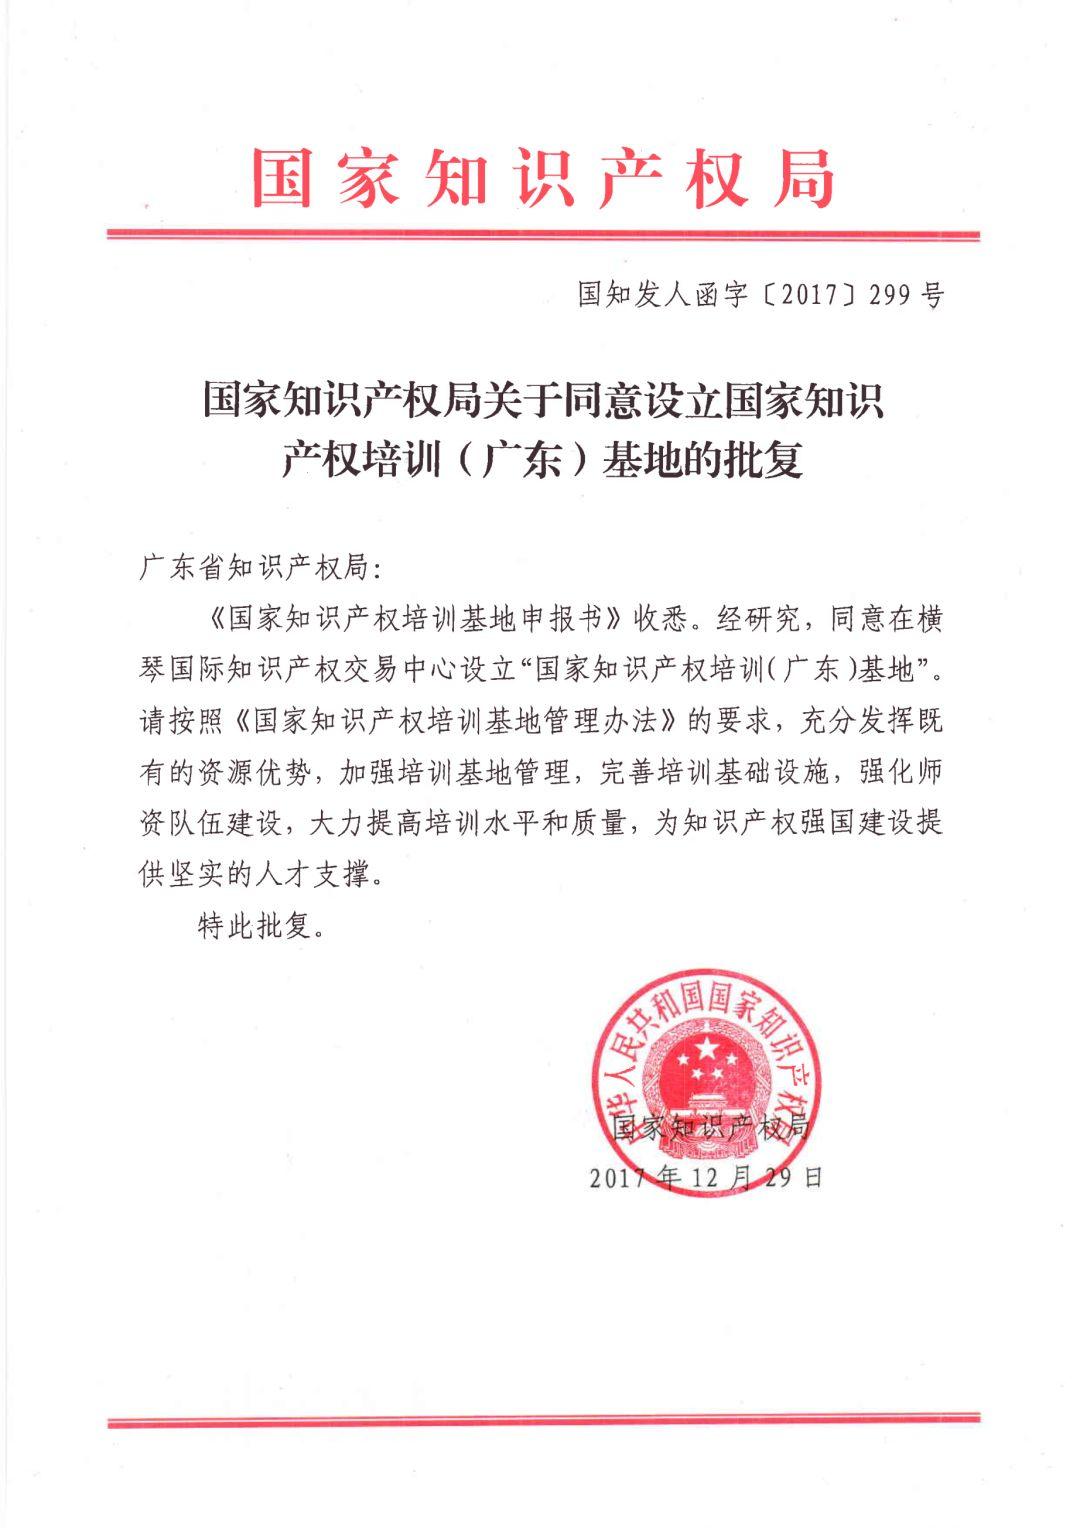 国家知识产权培训(广东)基地获批落地珠海